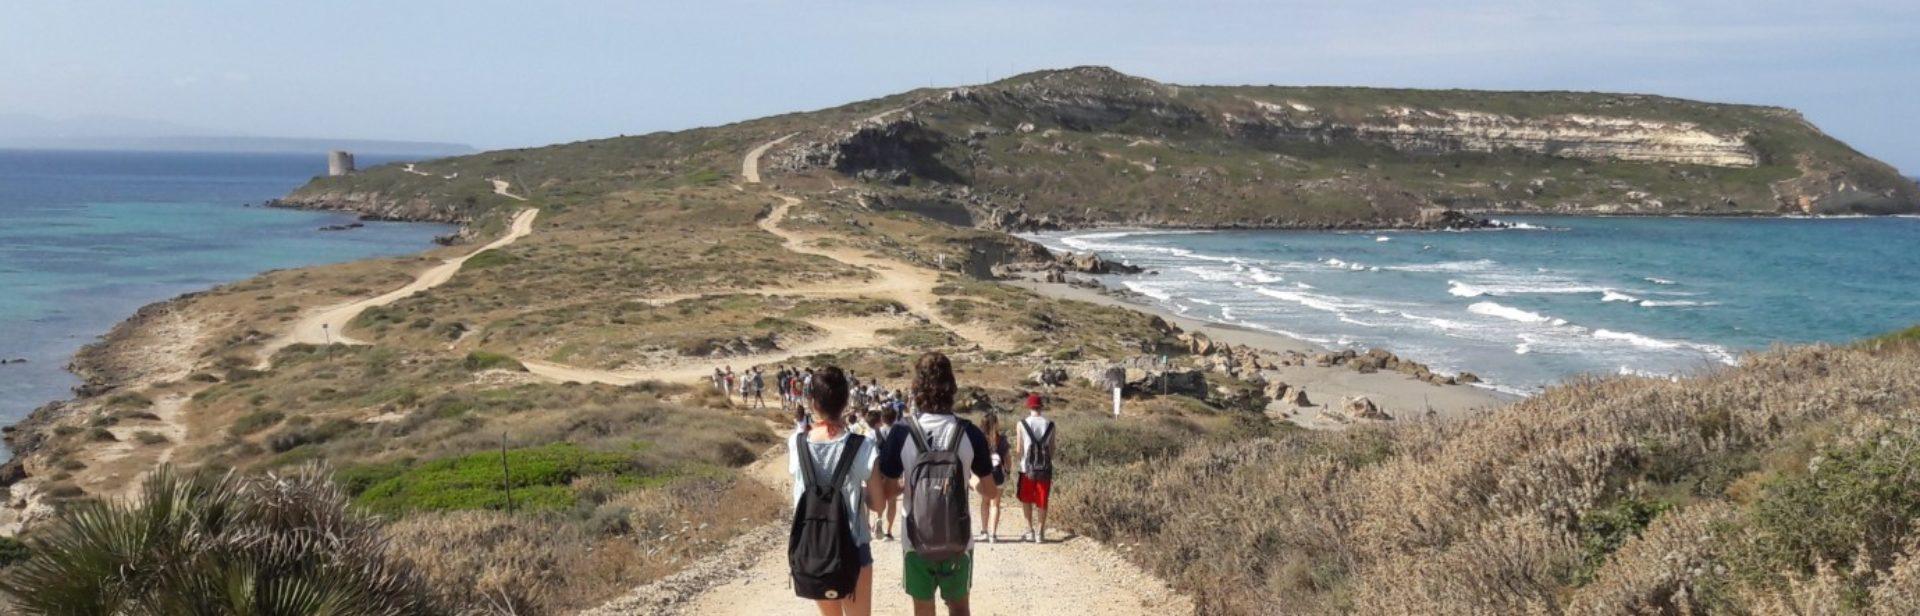 In Sardegna con Silvana, vacanze estive a prezzi scontati